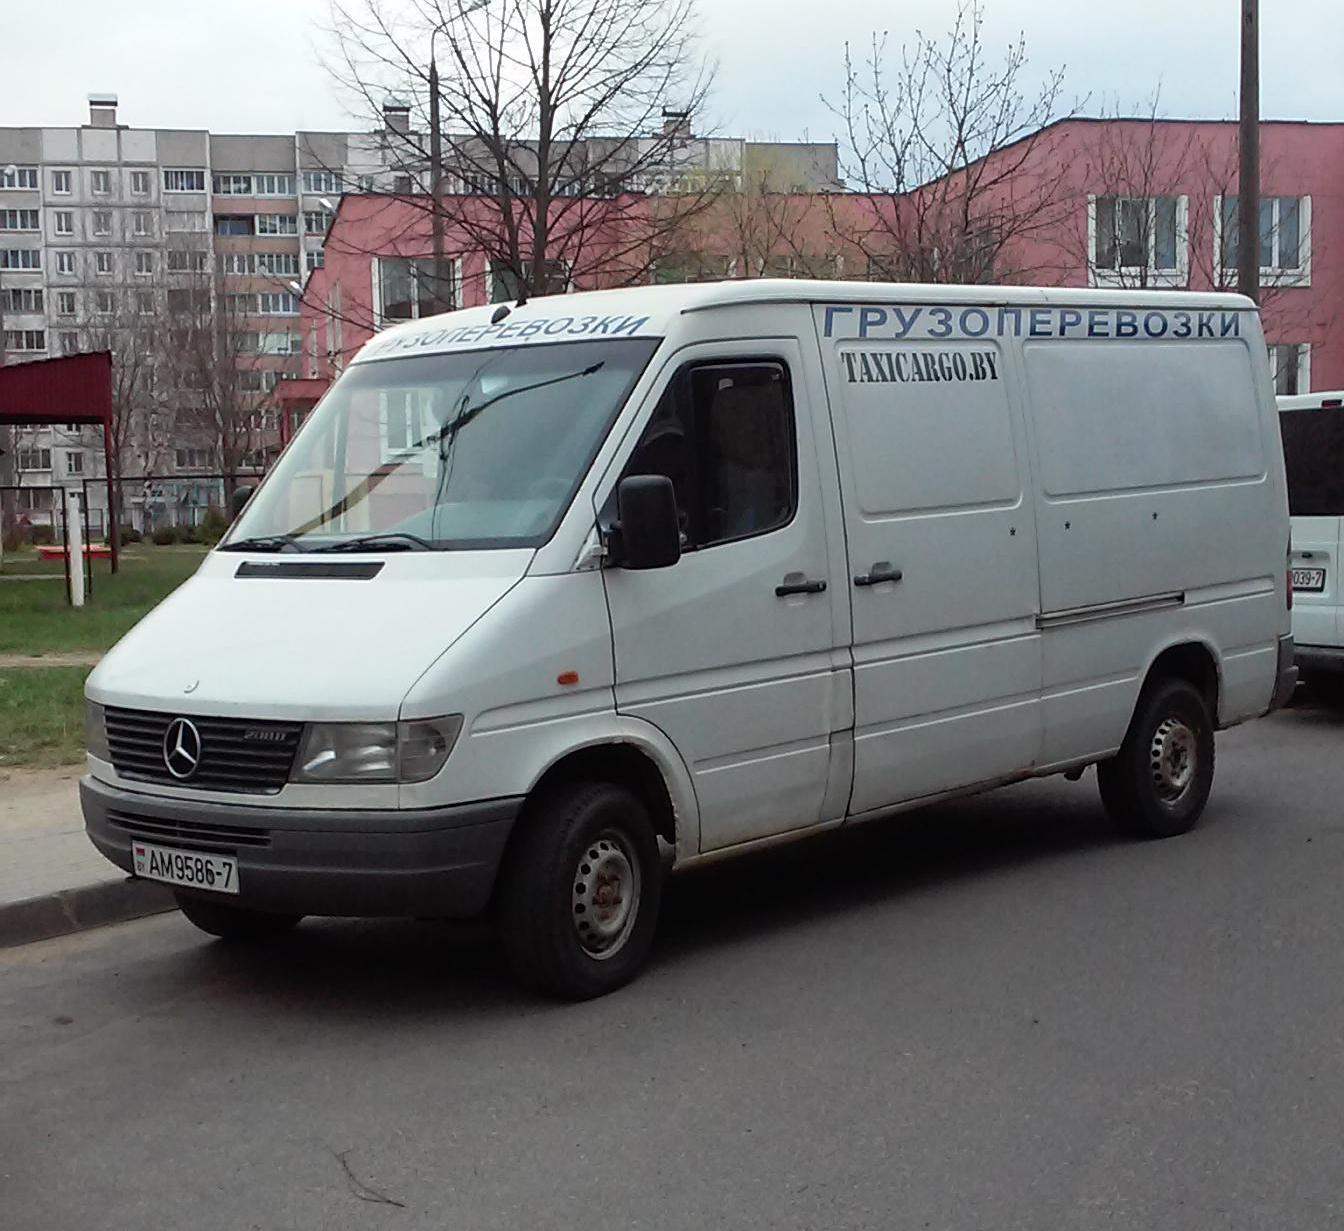 ИП Вашкевич И.Л.